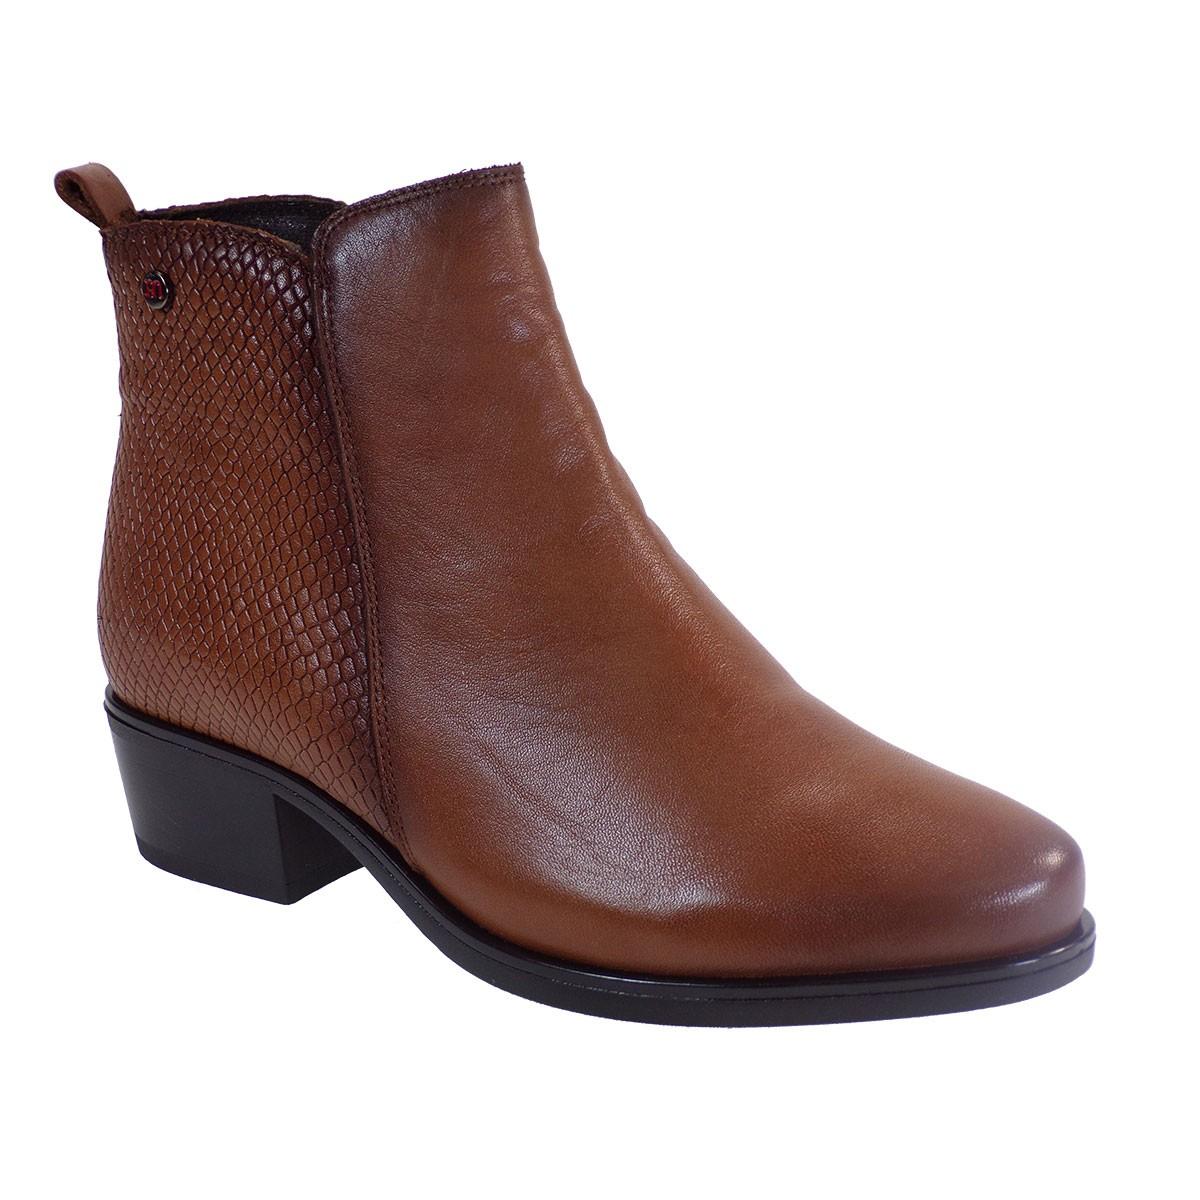 PEPE MENARGUES SHOES Γυναικεία Παπούτσια Μποτάκια 20400 Ταμπά Δέρμα